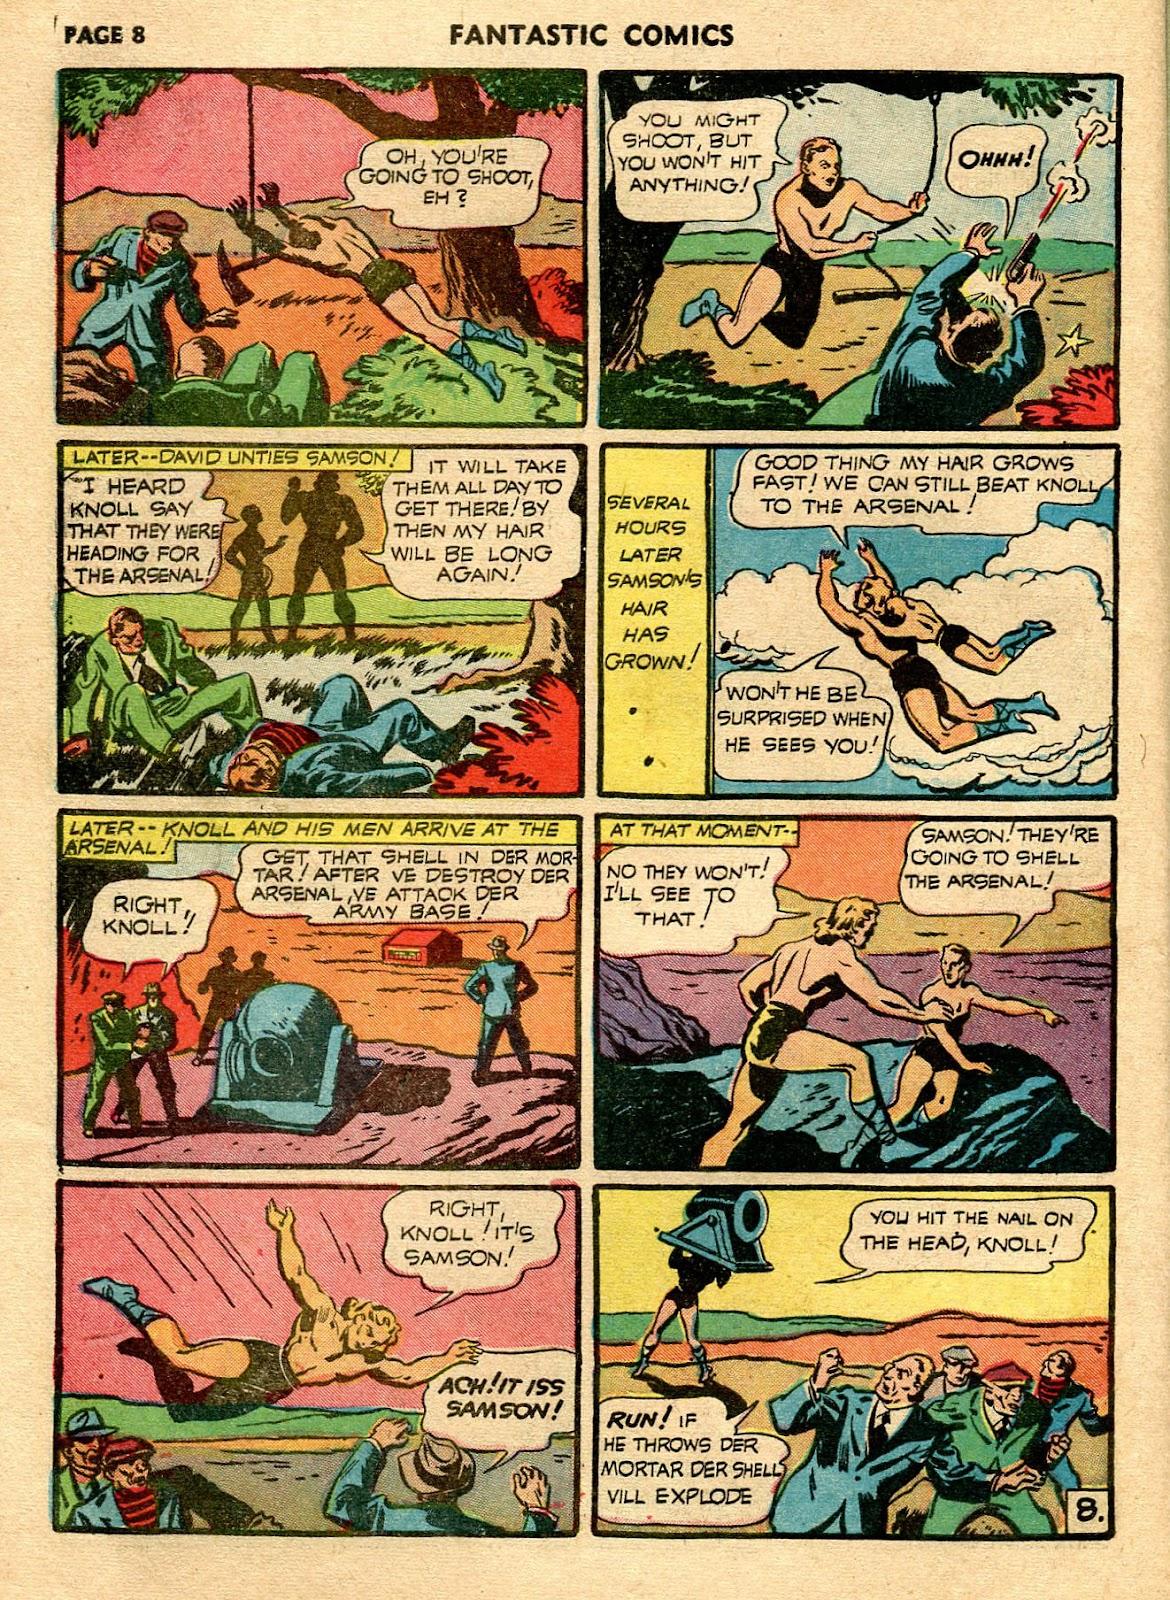 Read online Fantastic Comics comic -  Issue #21 - 10